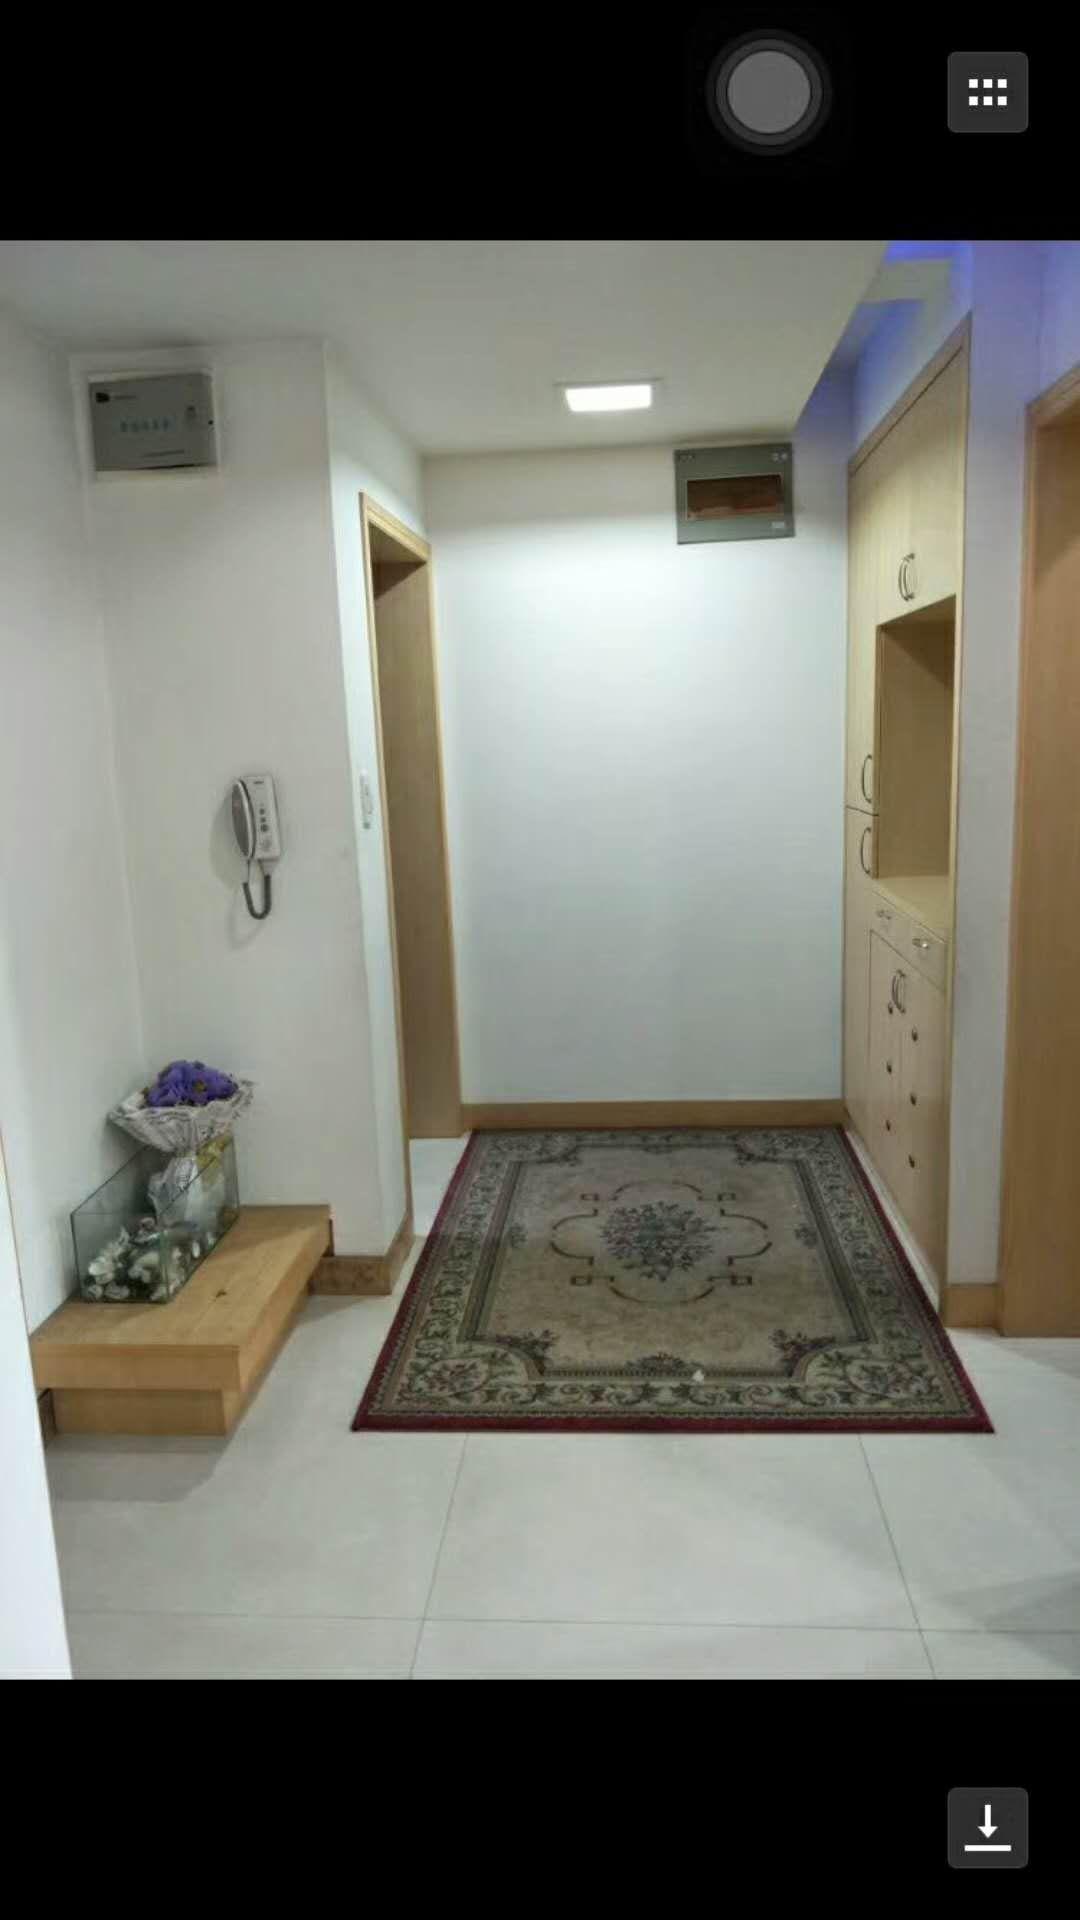 盛都苑 3室2厅1卫 154㎡